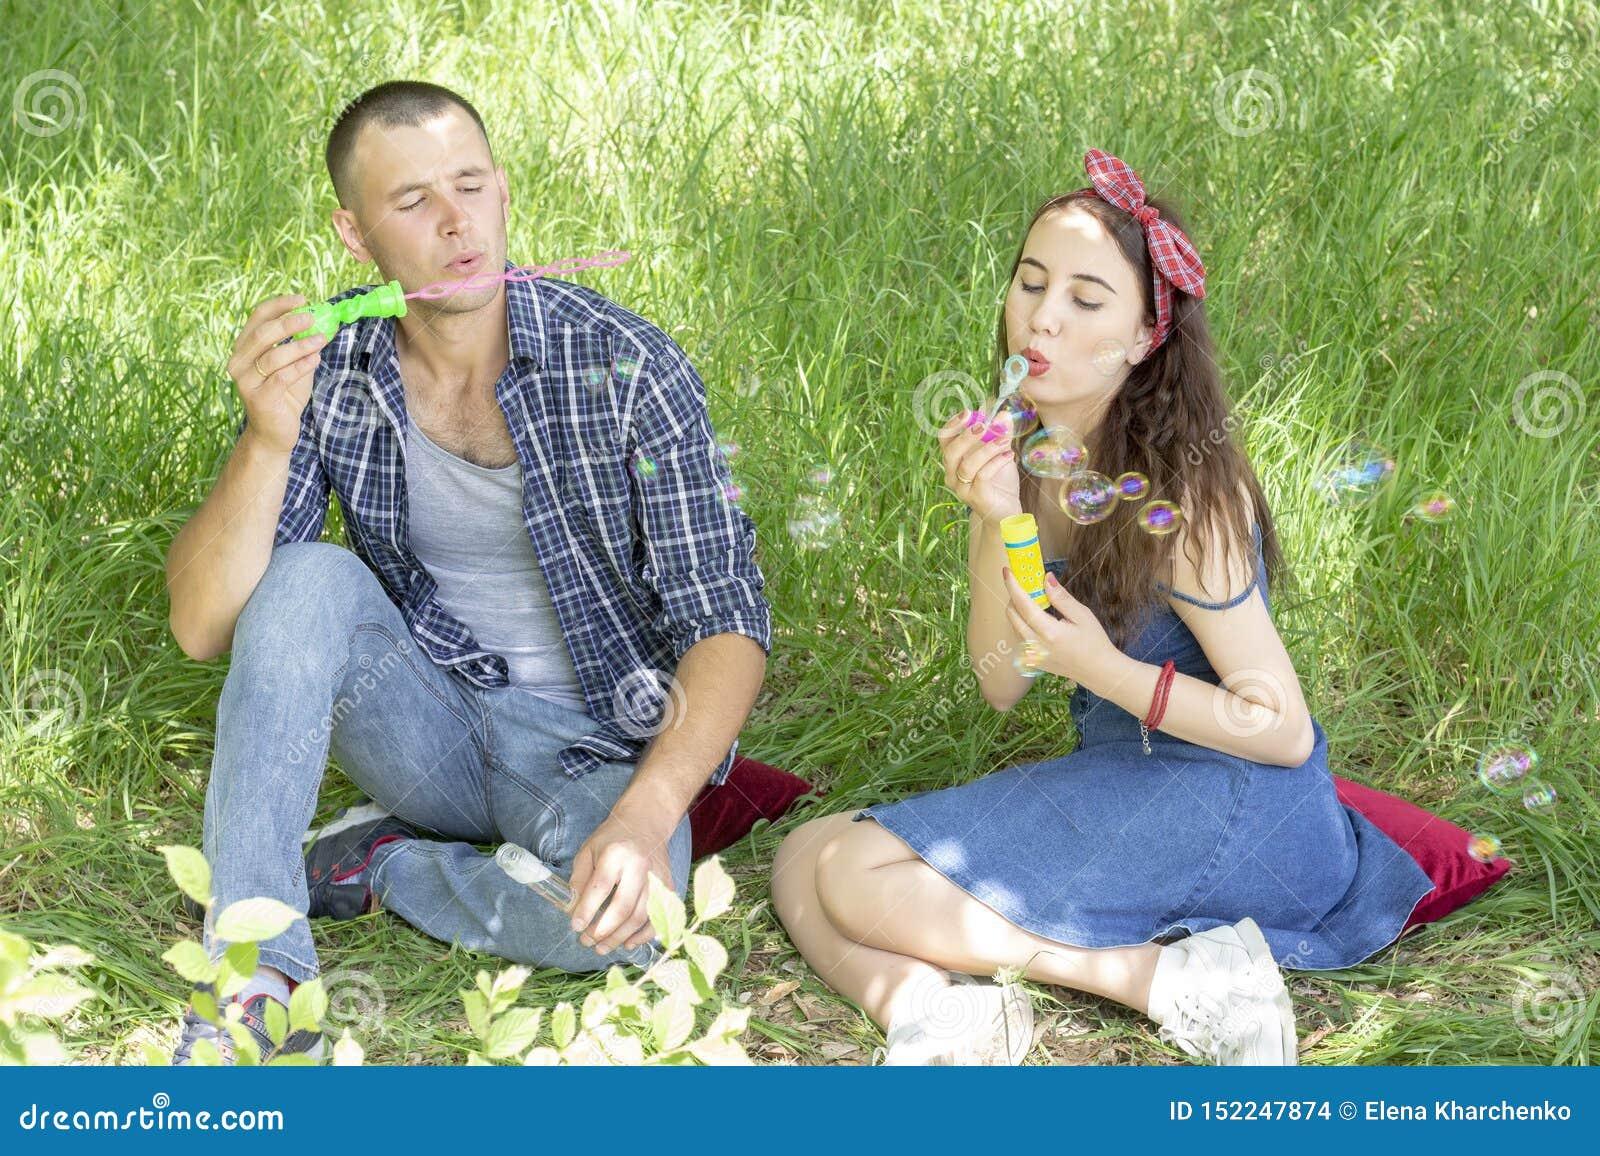 Acople amantes fundem bolhas os amigos riem o menino e a menina do piquenique do verão estão sentando-se na grama